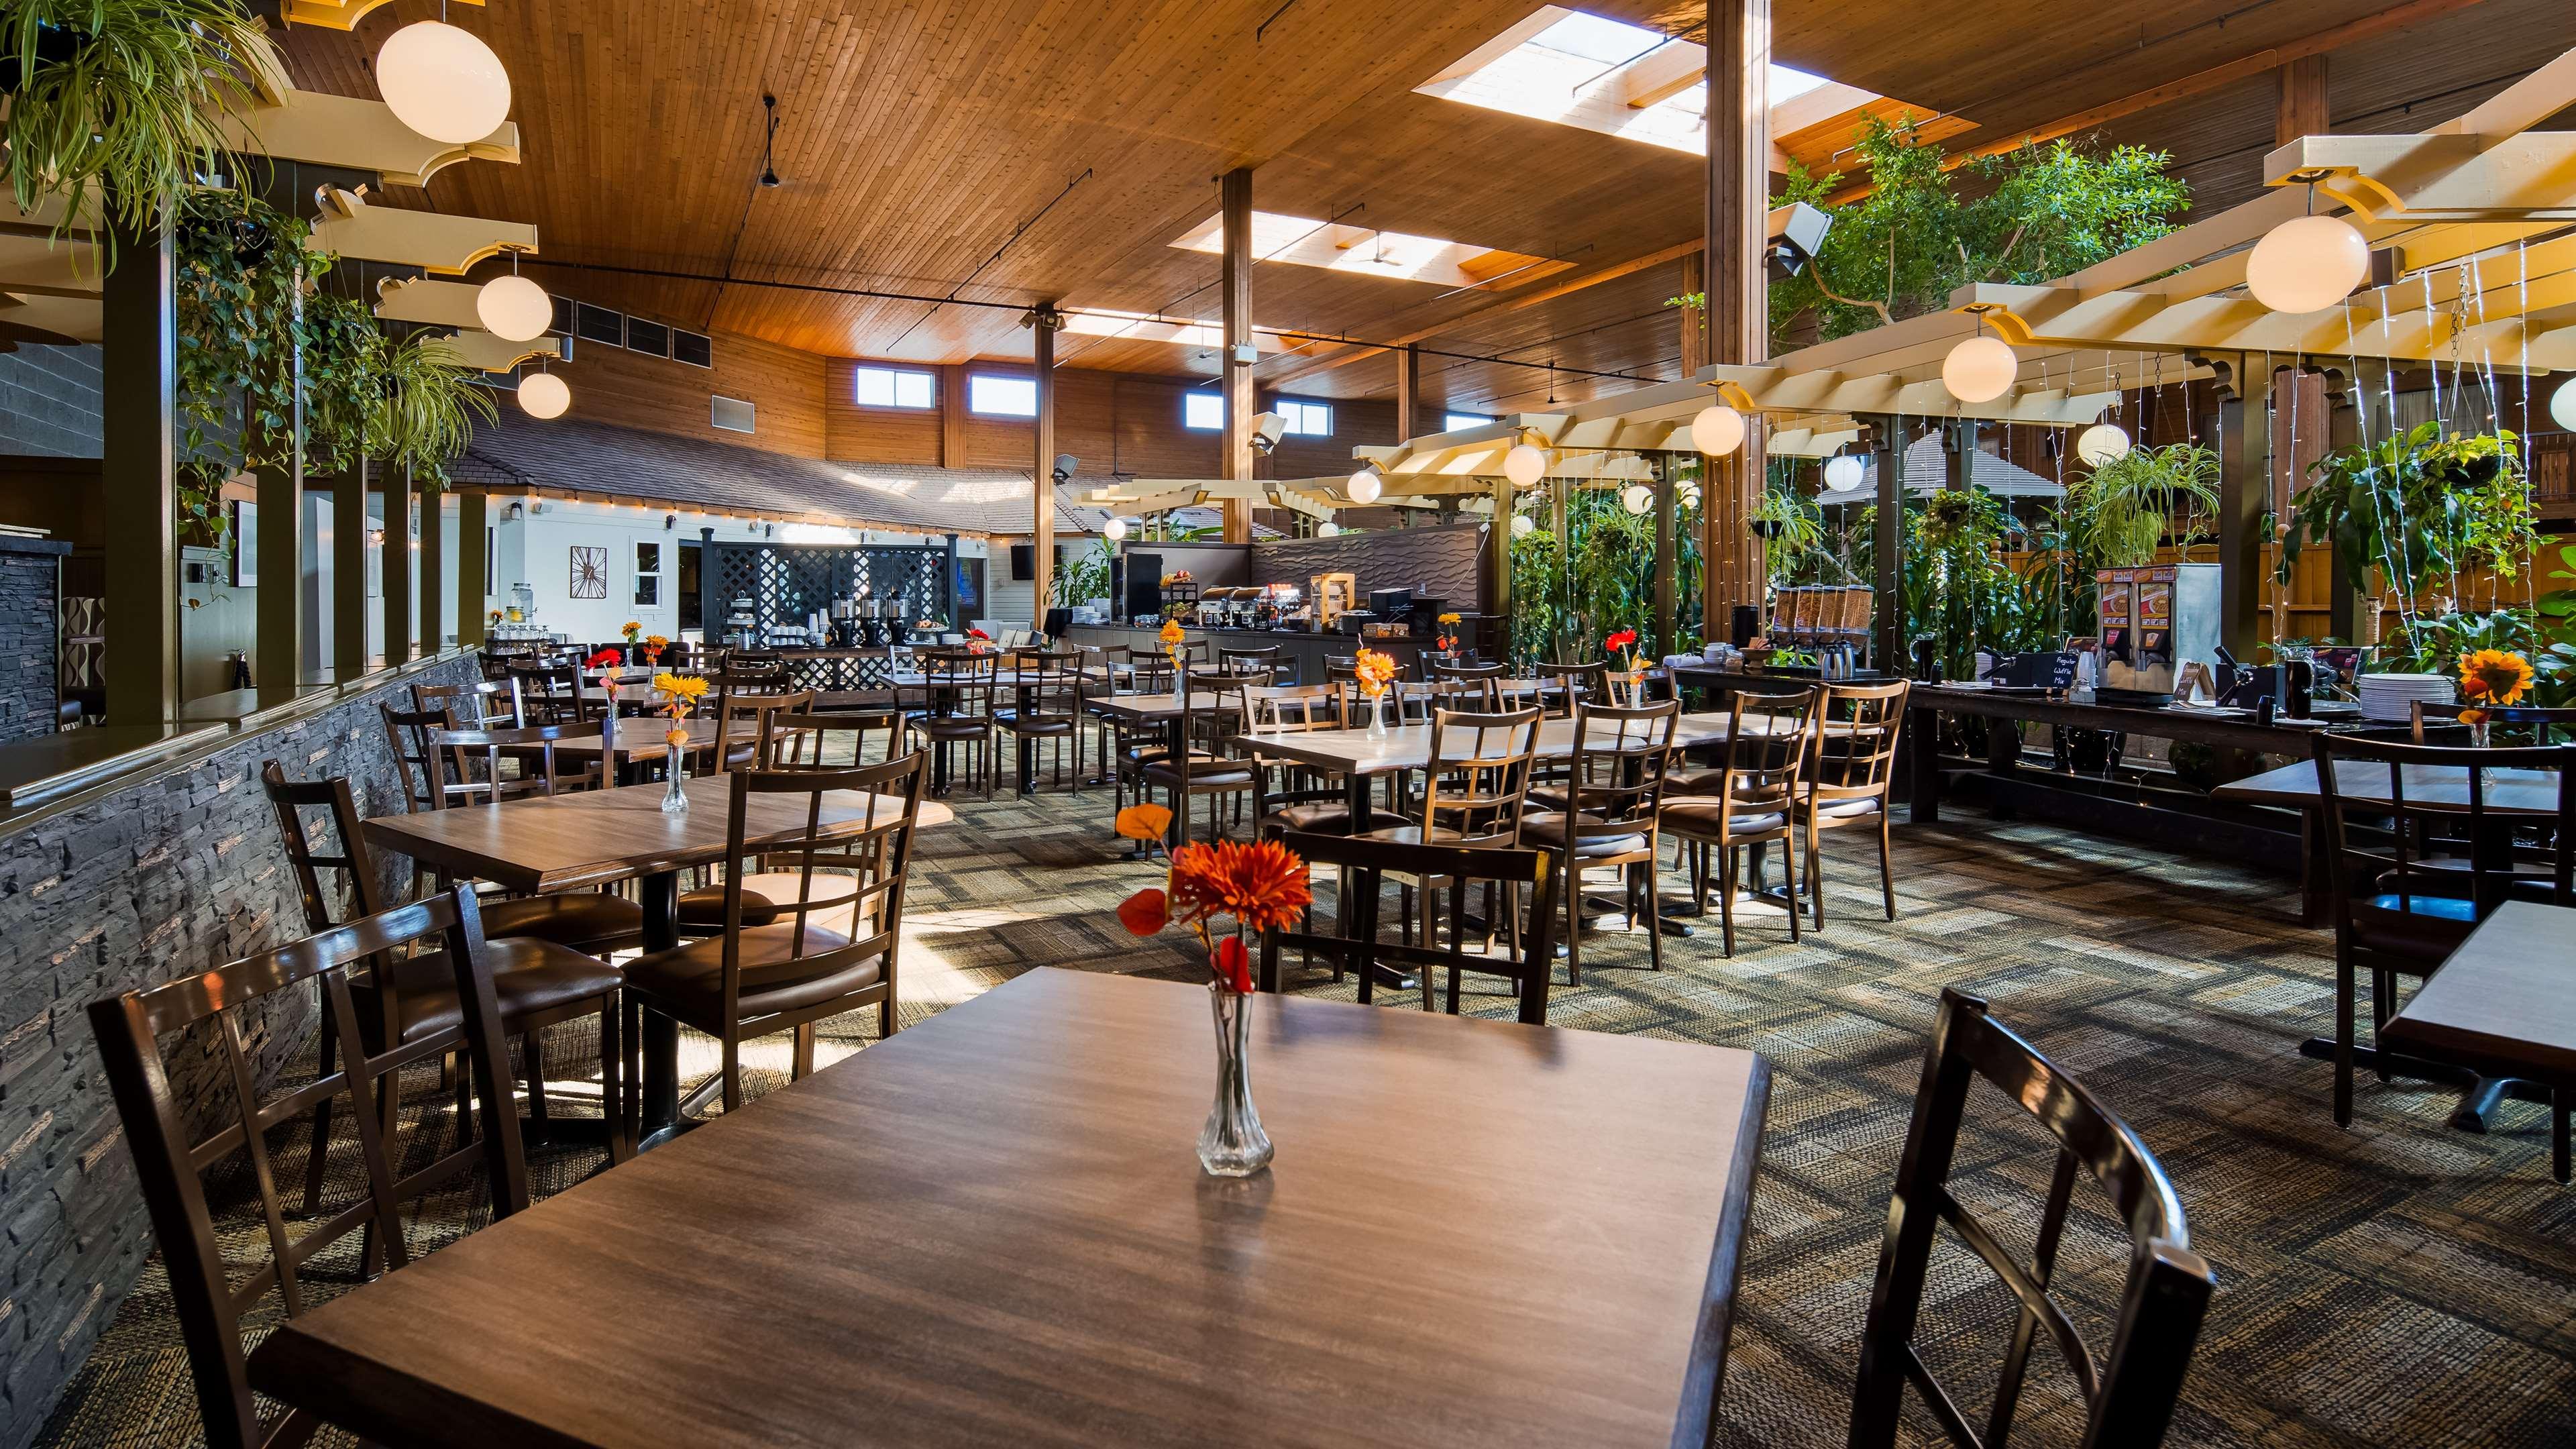 Surestay Hotel By Best Western Chilliwack in Chilliwack: Guest Breakfast Area